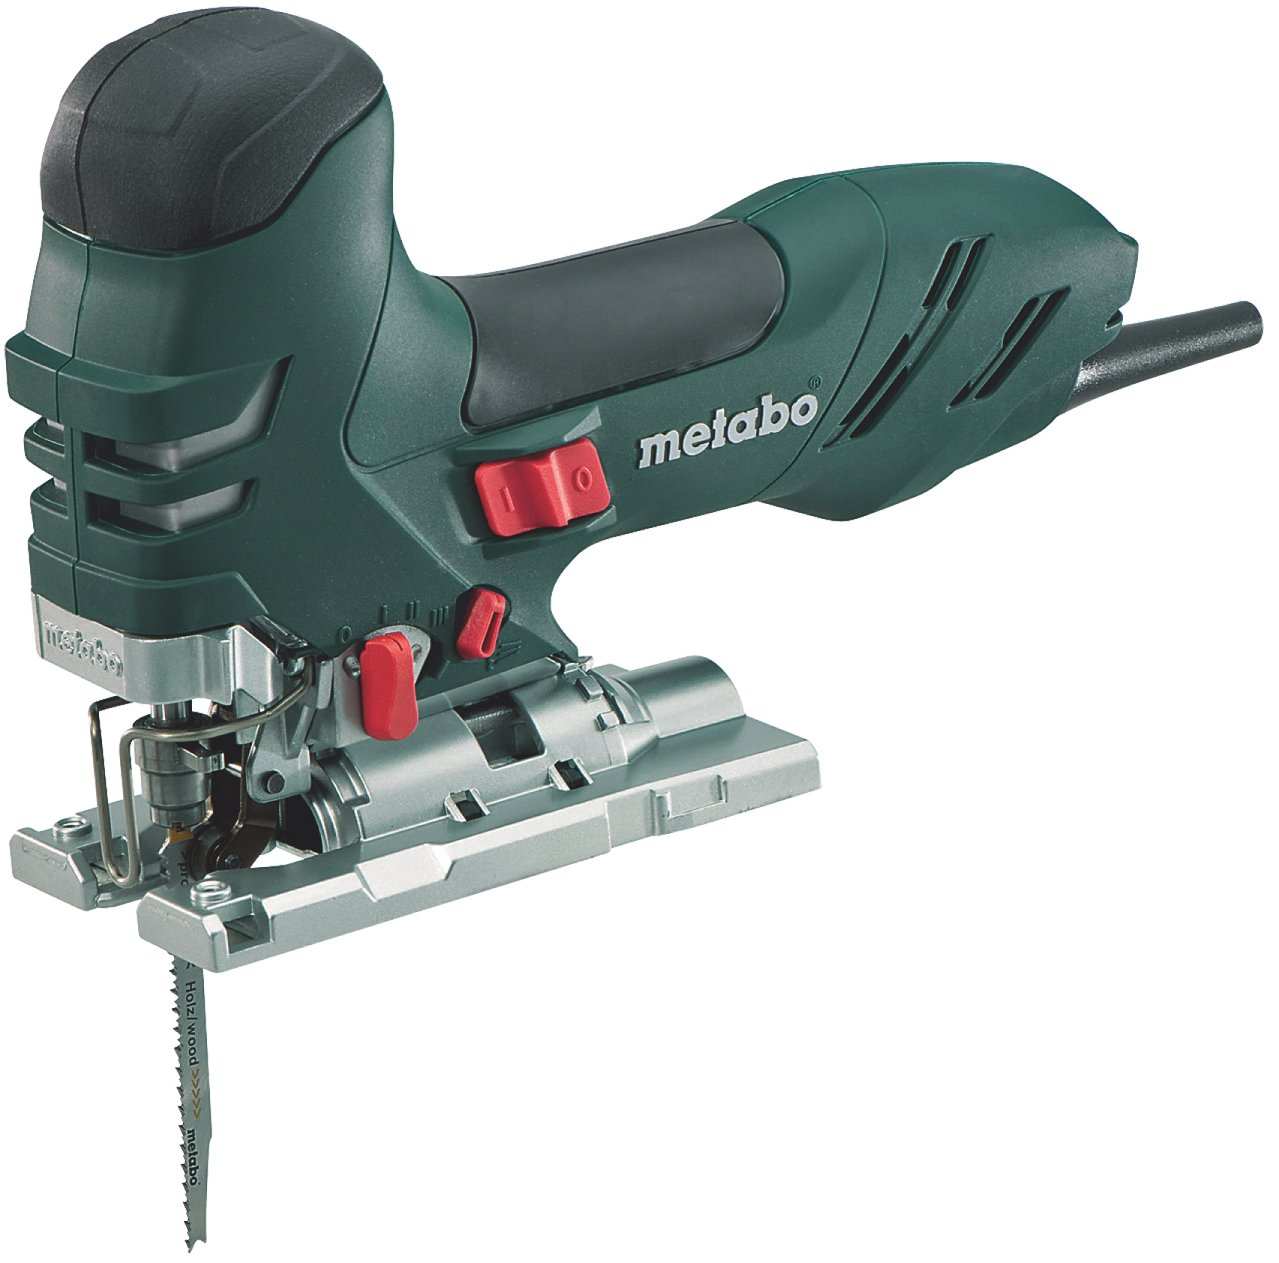 Metabo 601401000 Stichsäge STE 140  BaumarktKundenbewertung und Beschreibung